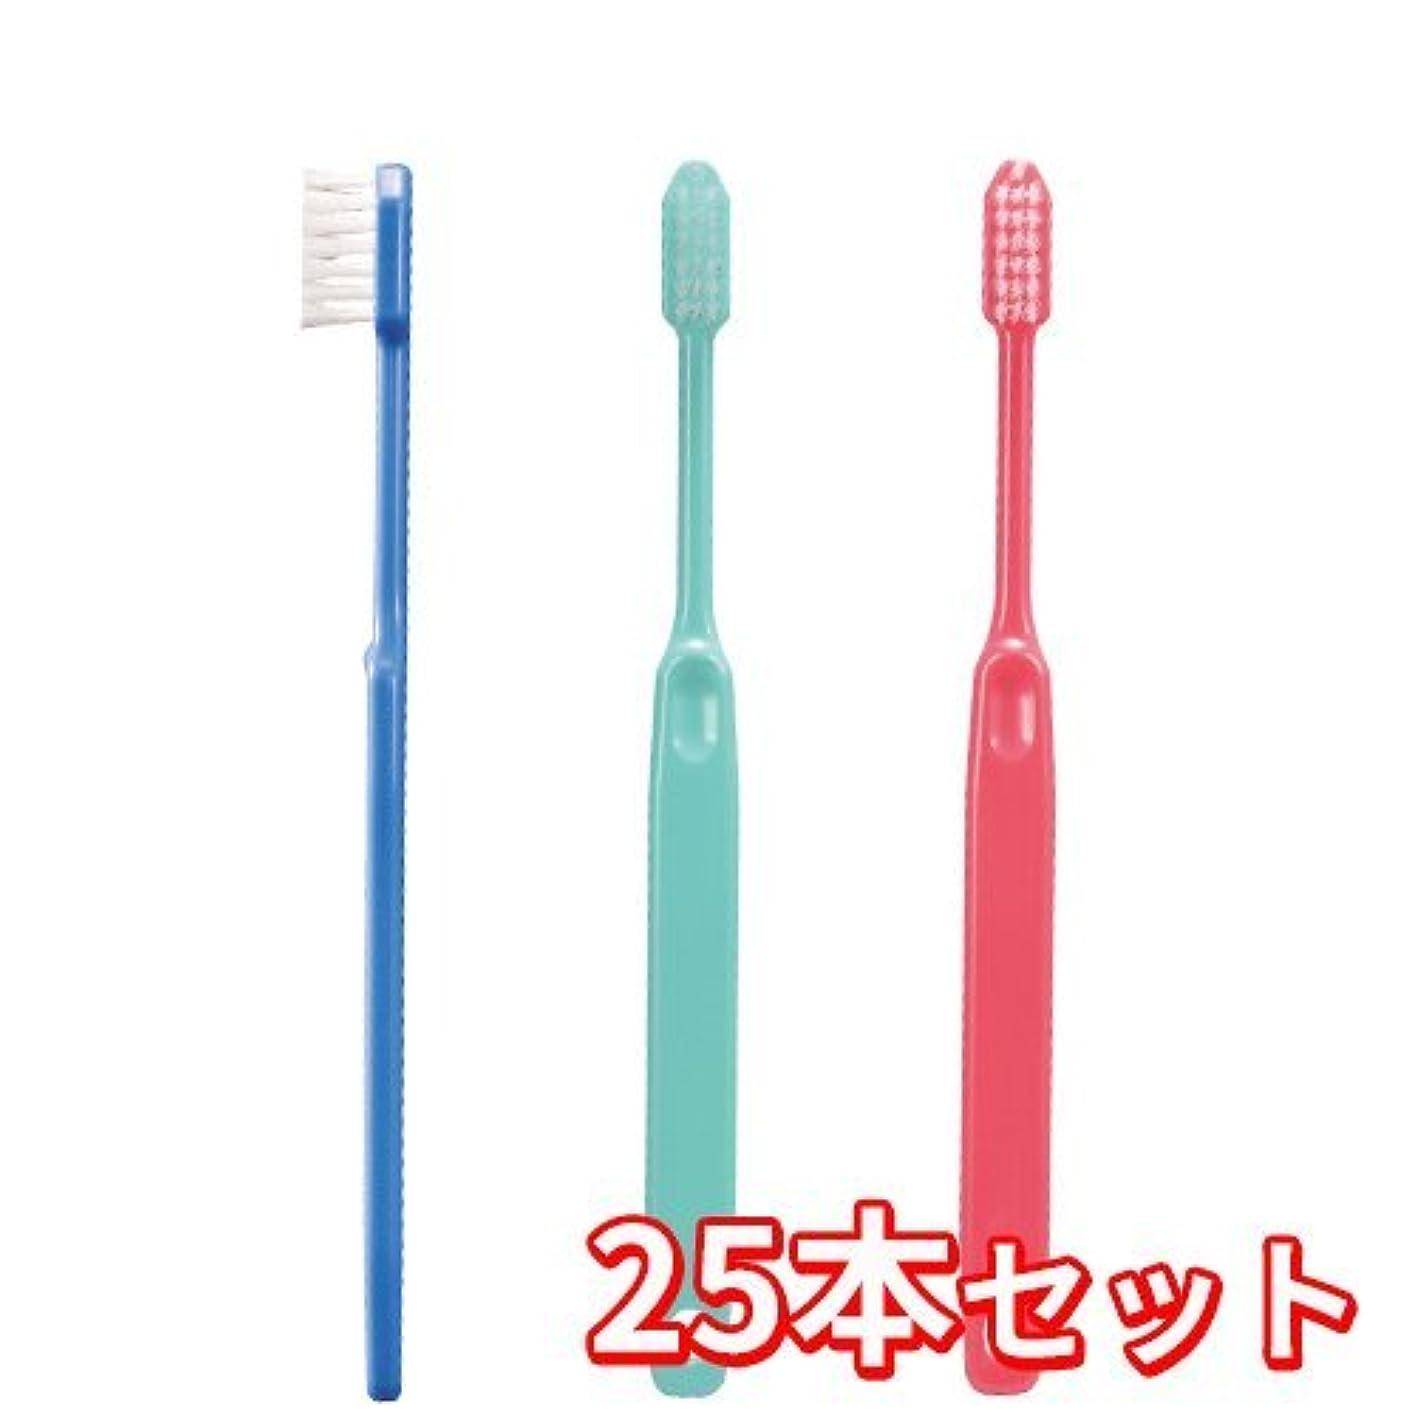 バラバラにする権利を与える台無しにCiメディカル 歯ブラシ コンパクトヘッド 疎毛タイプ アソート 25本 (Ci23(やややわらかめ))